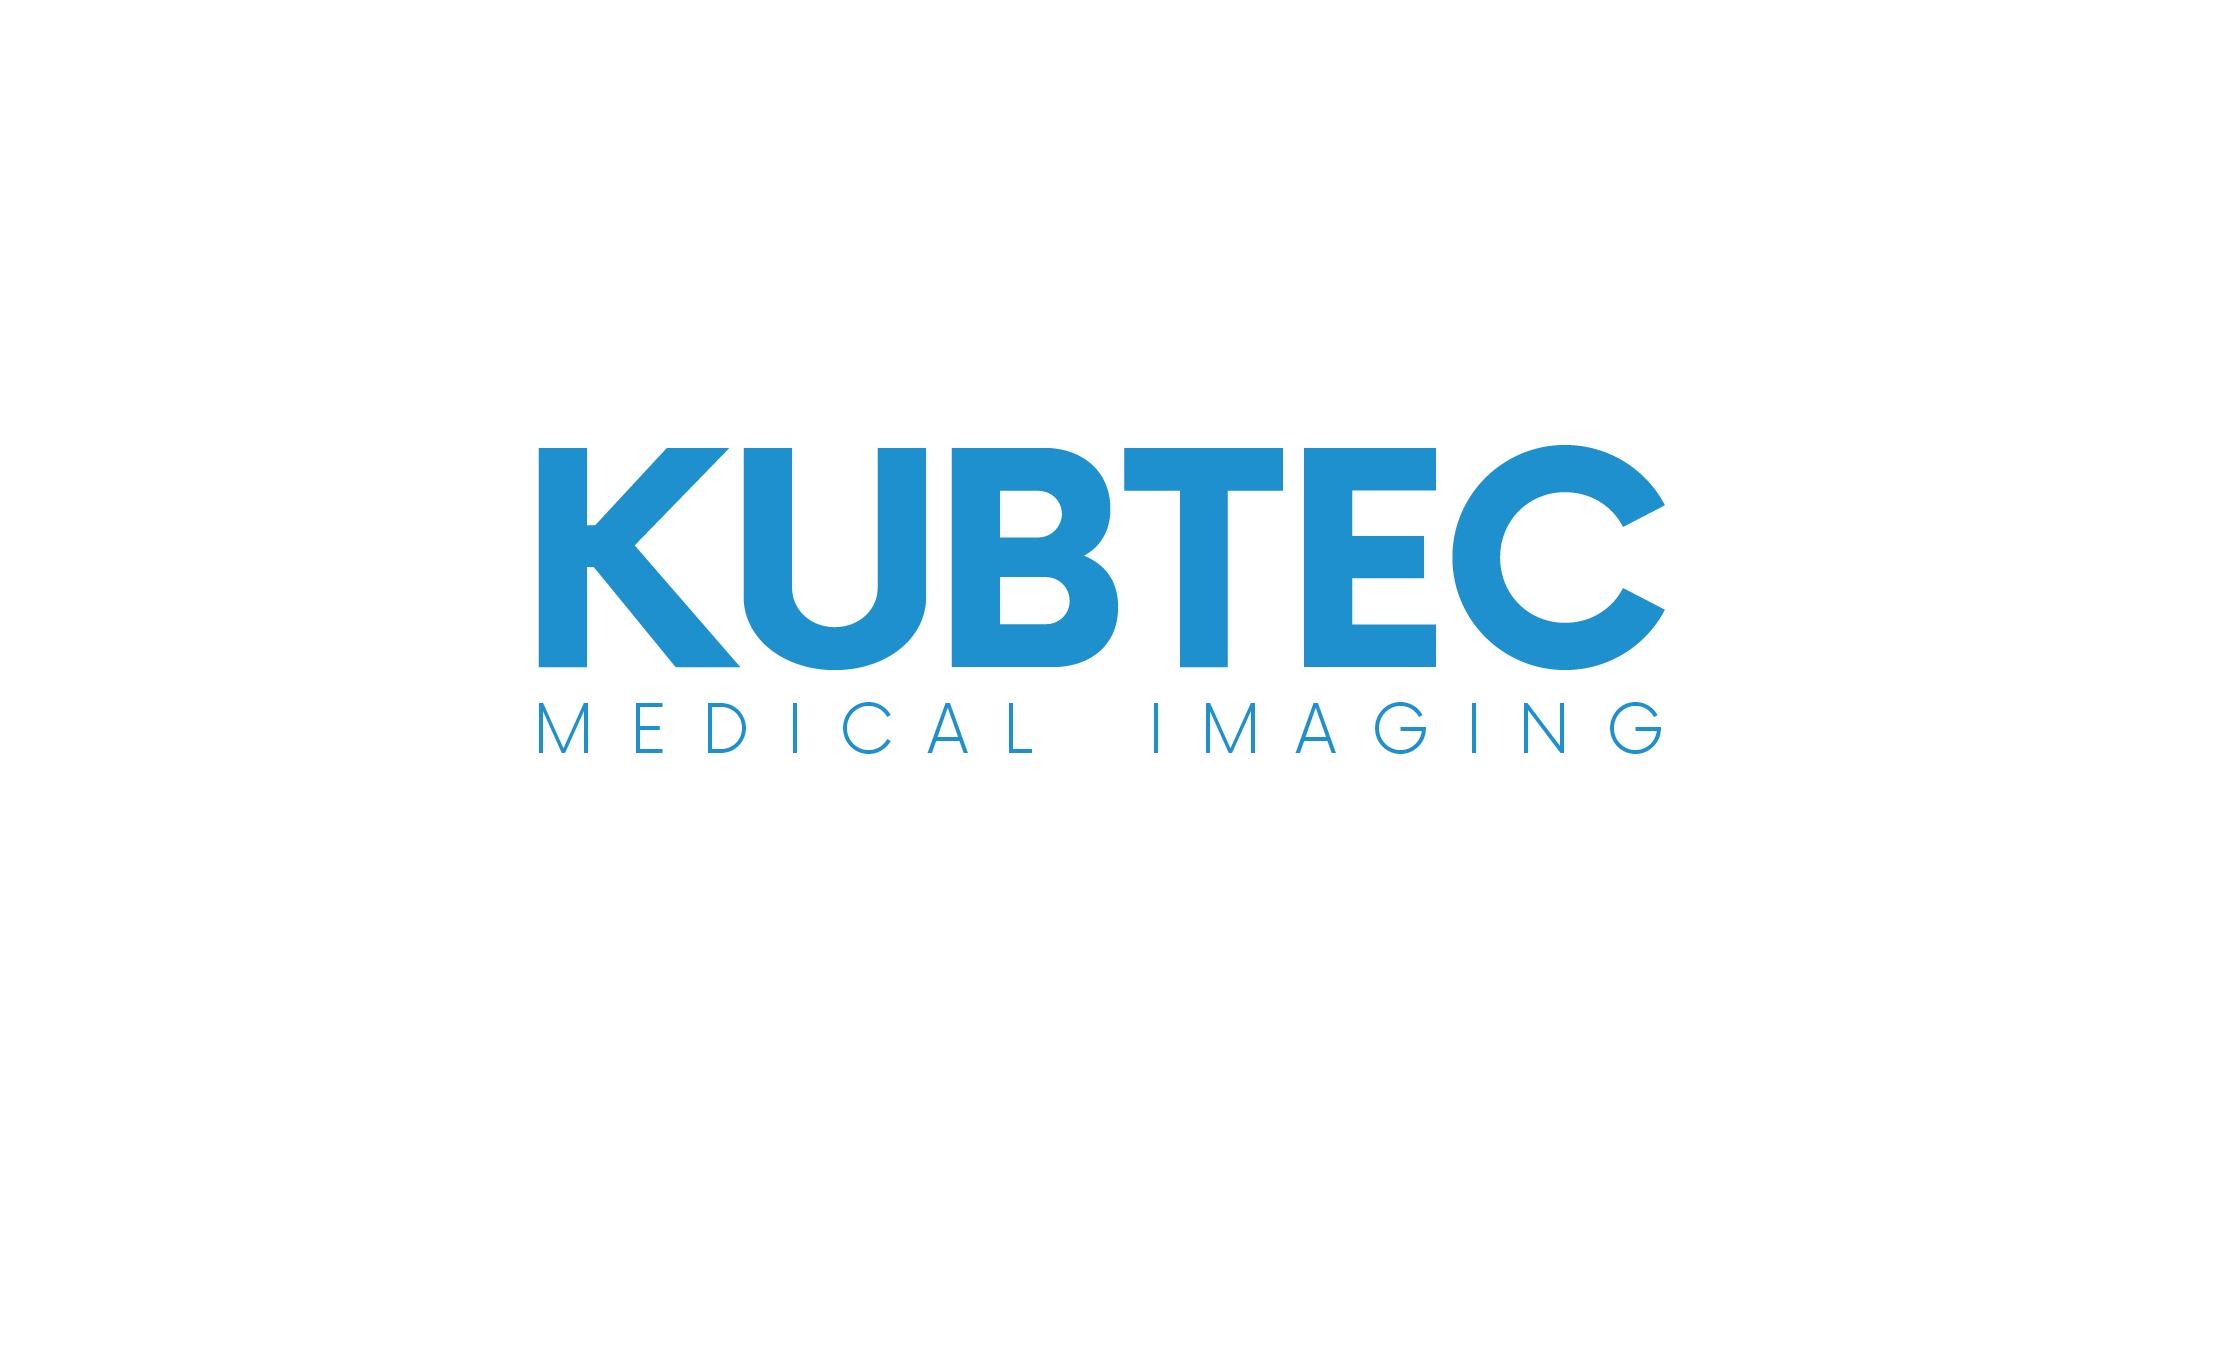 kubtec-logo